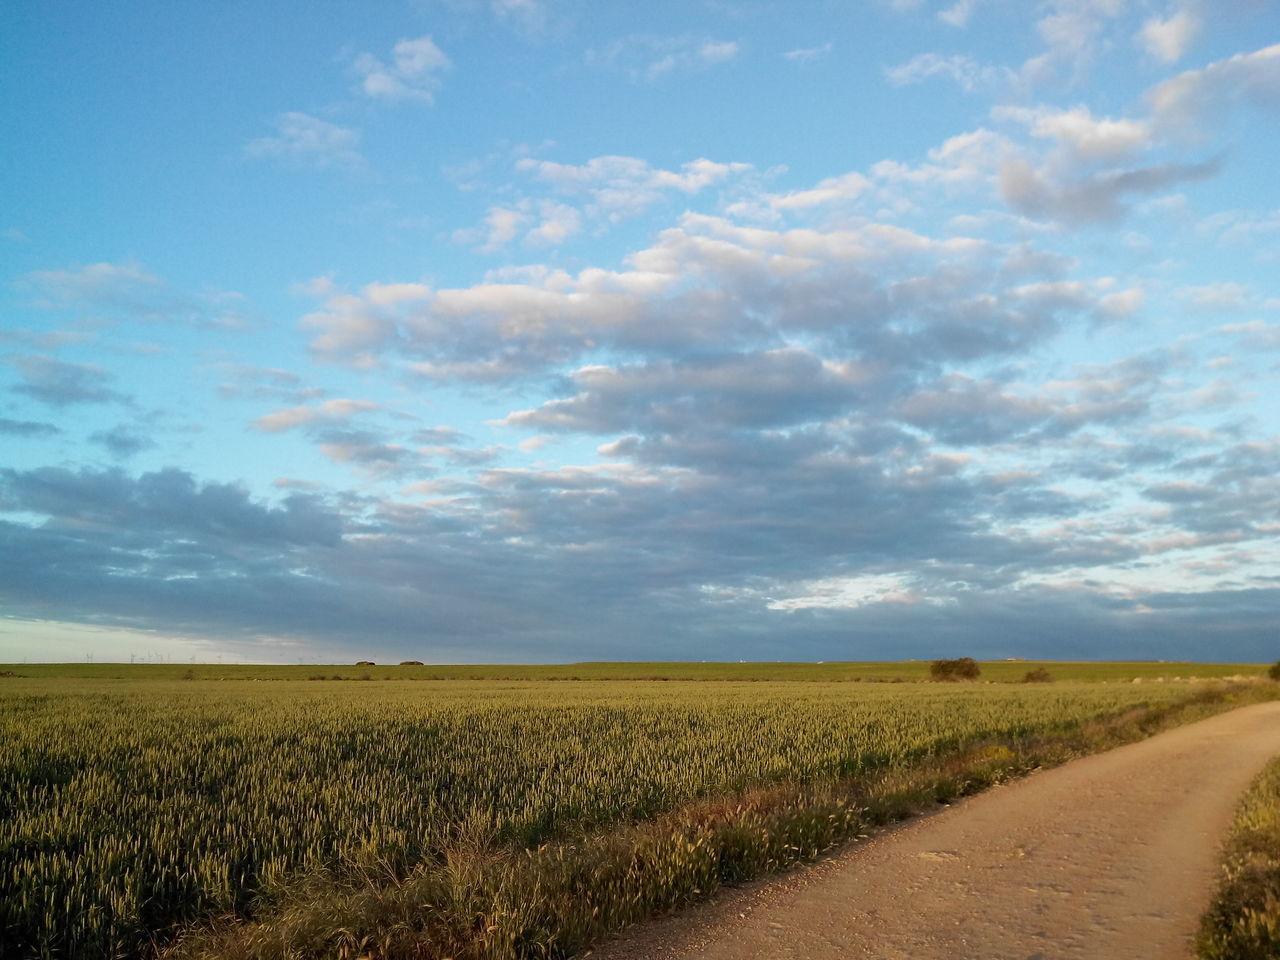 2014 Alleine Bewölkt Camino CaminodeSantiago Cloudy El Camino De Santiago Empty Früh Jakobsweg Leer Morgen Morning Road Straße Way Way Of Saint James Weg Zeitig